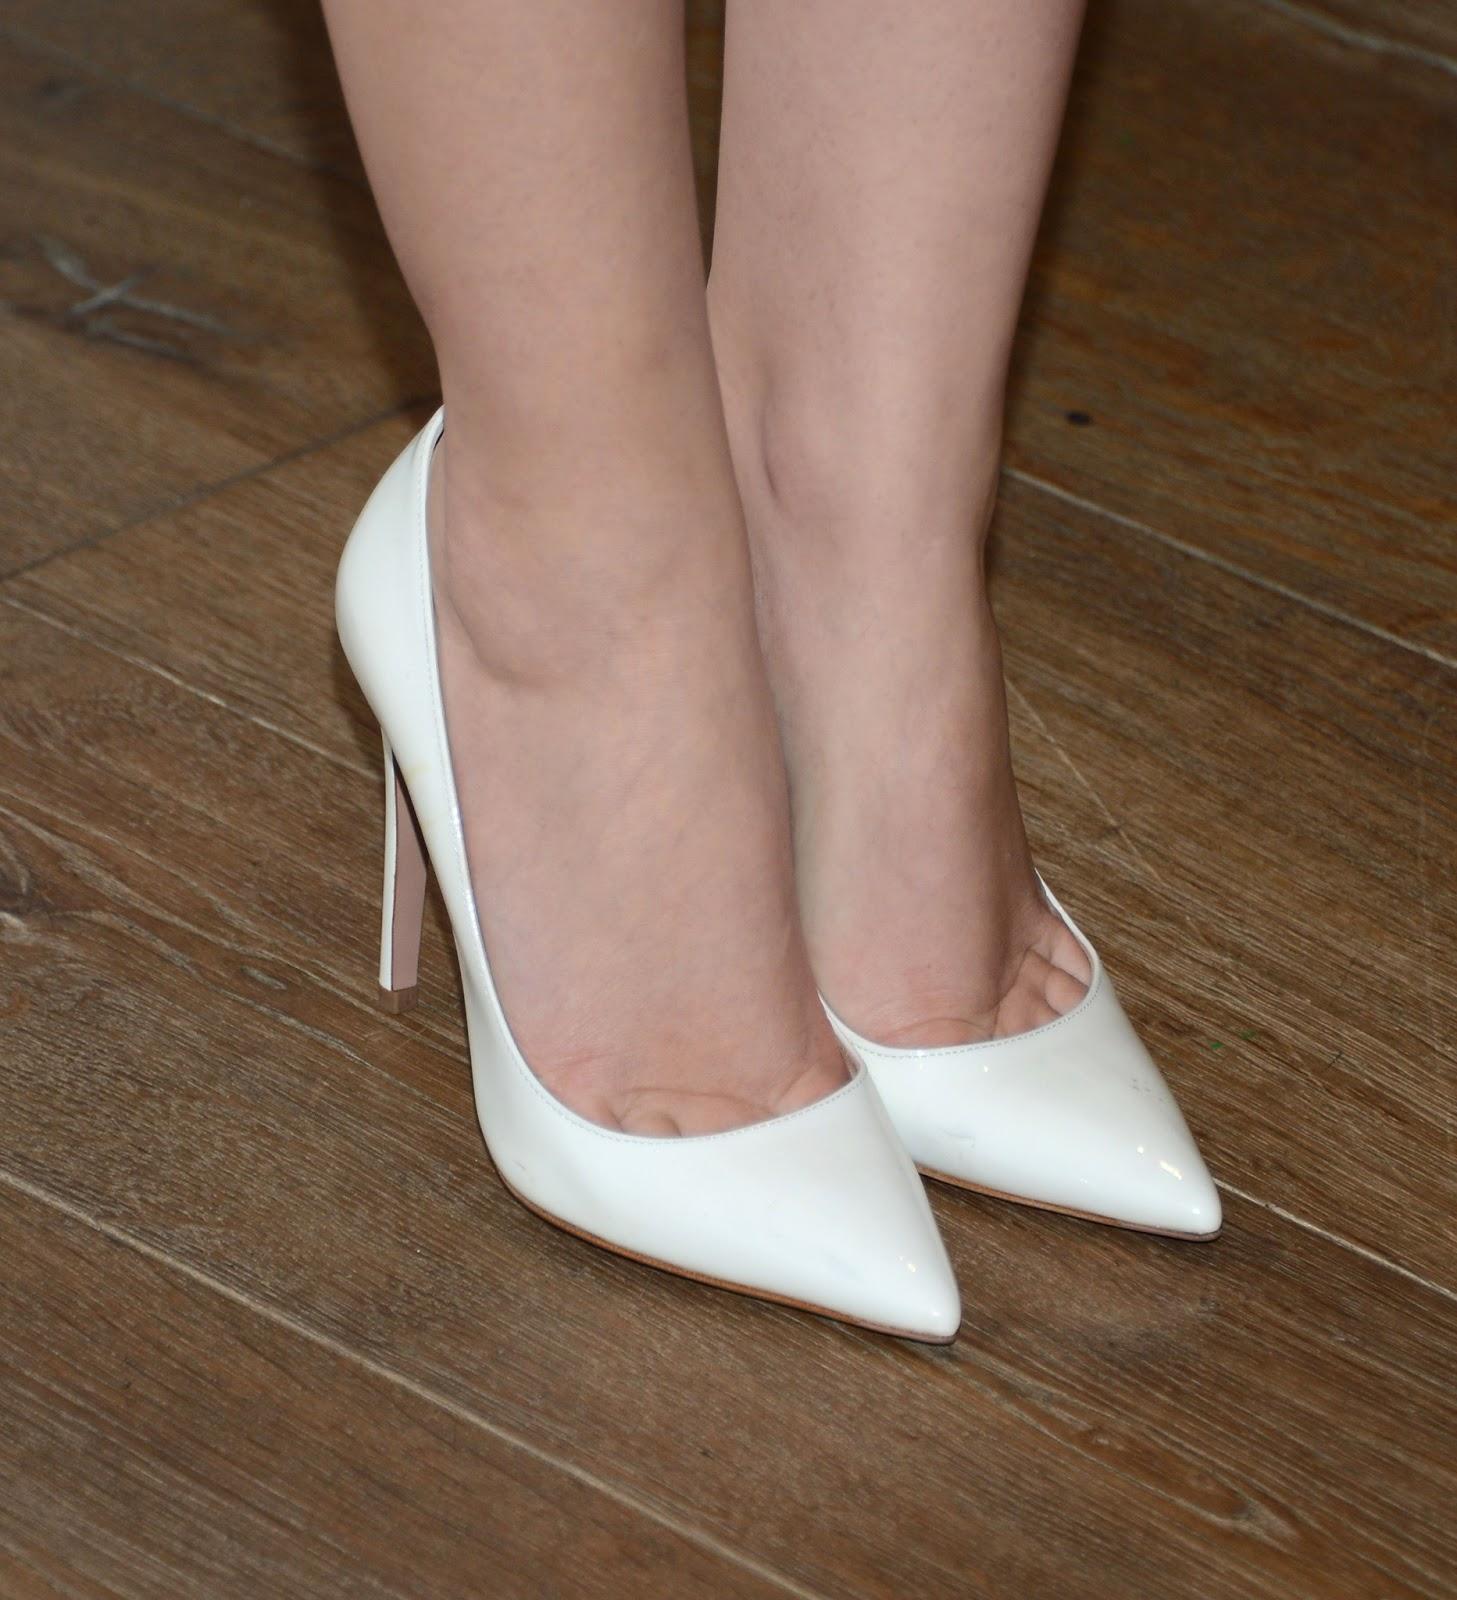 Watson toes Emma